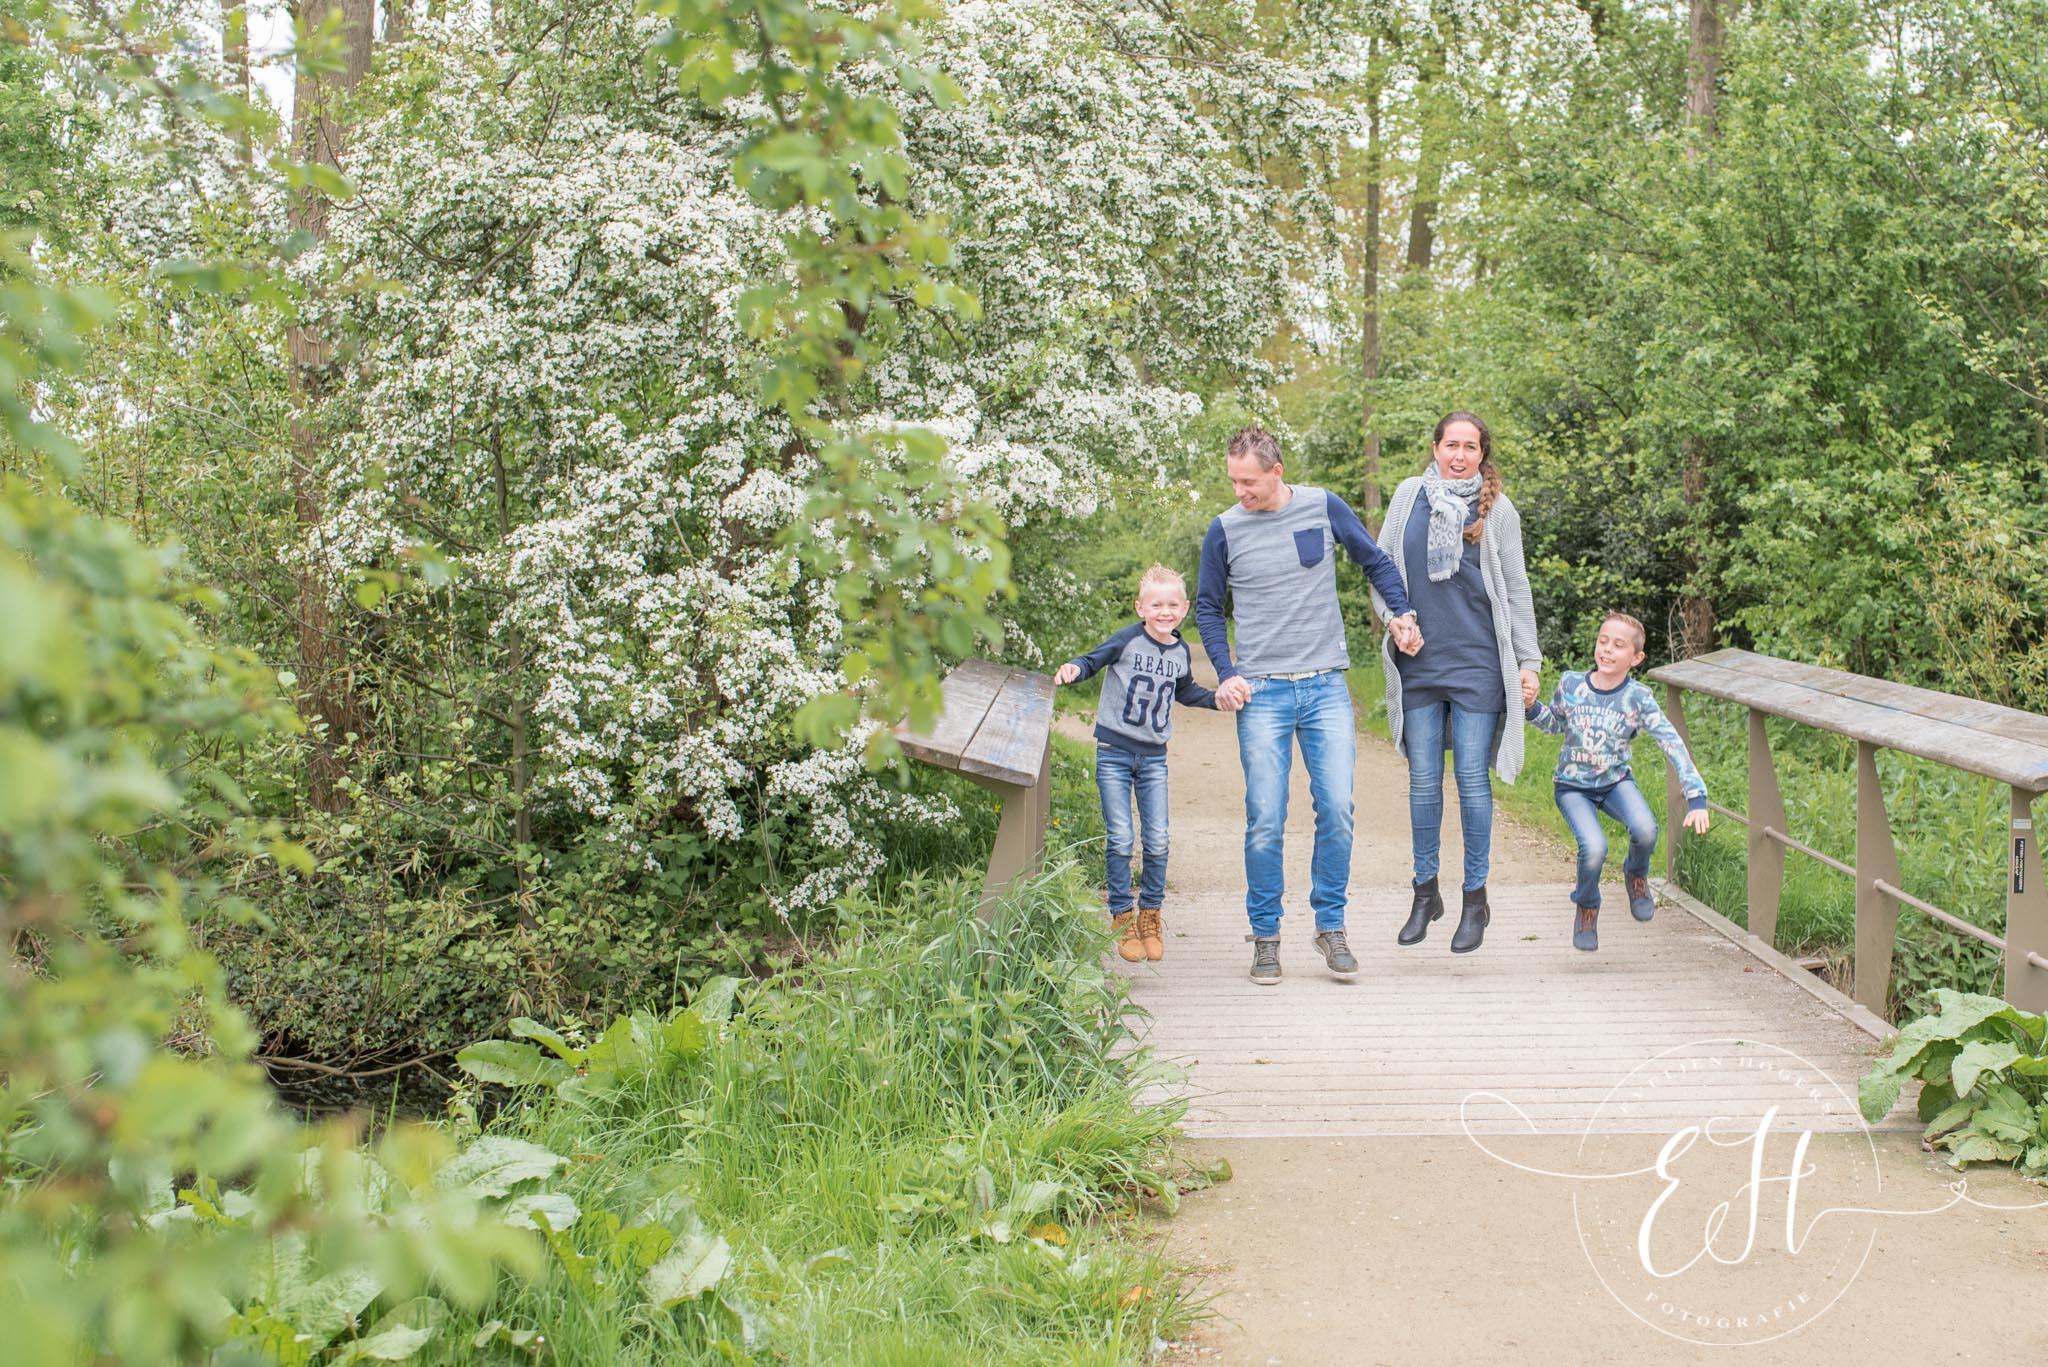 evelienhogersfotografie_Kalfjeslaan_amstelveen_familiefotografie-10.jpg